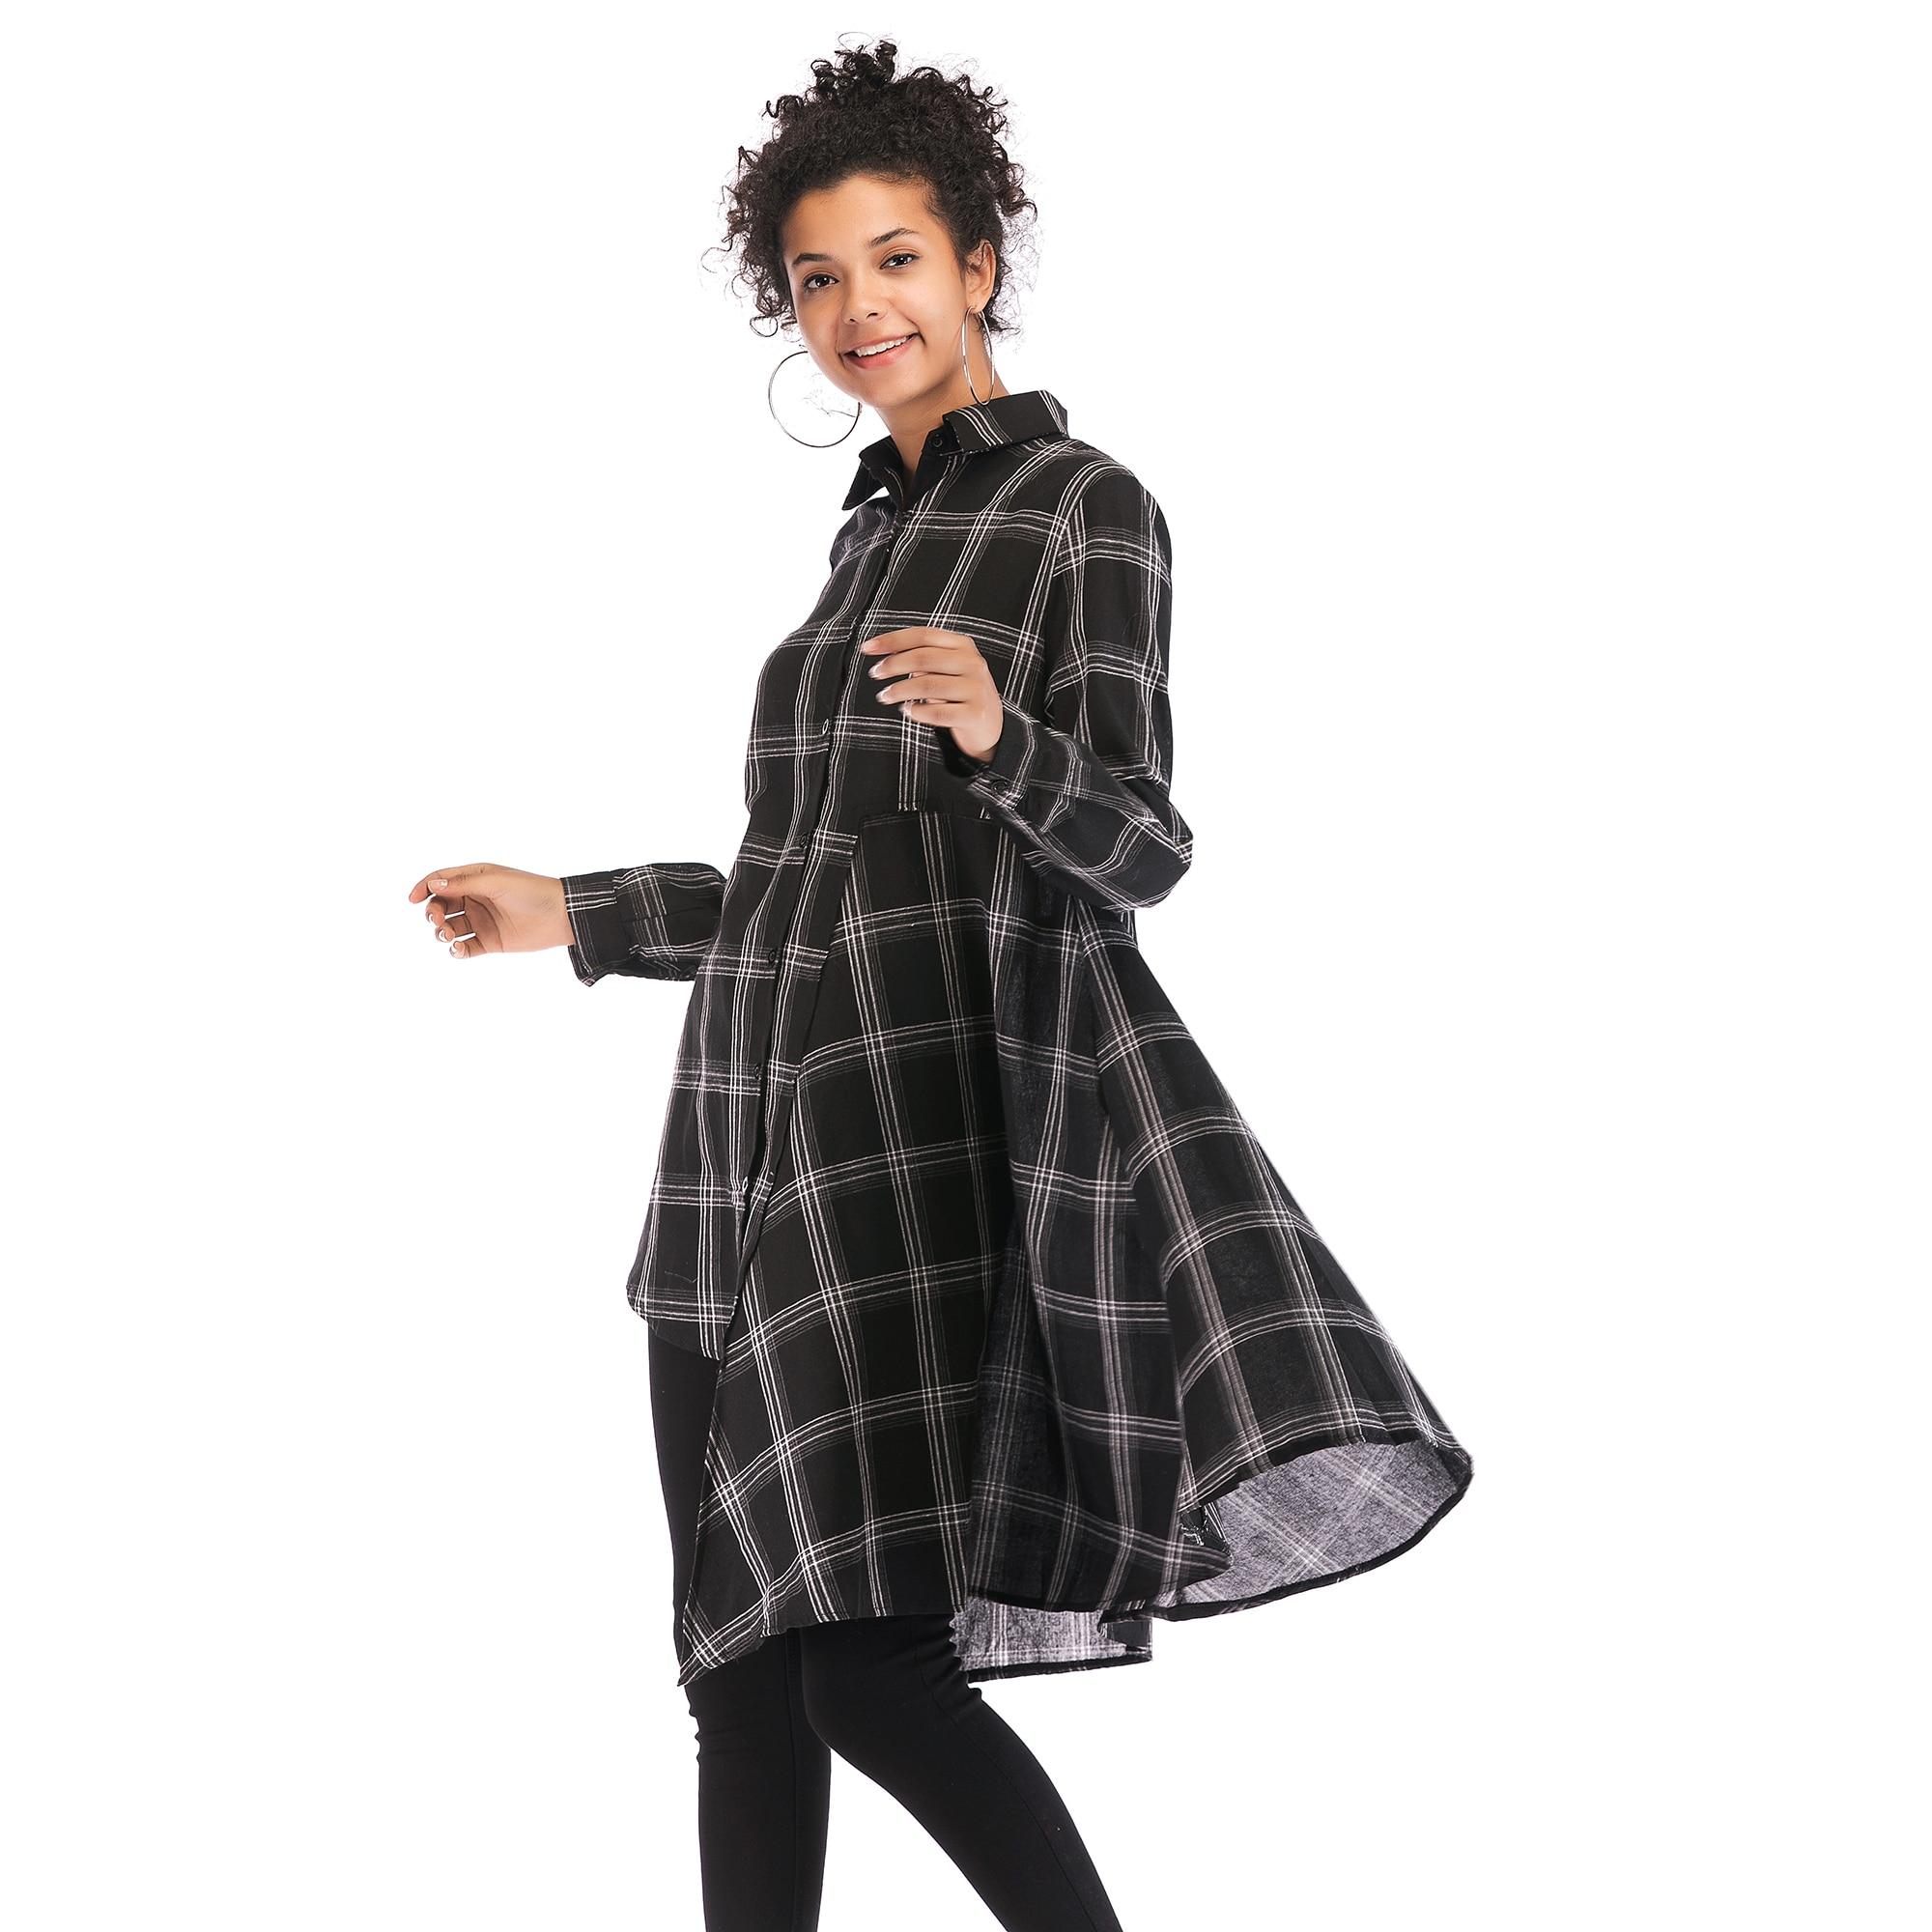 Mode femme coton Blusas 2019 automne Long Plaid femmes hauts et chemisiers grande taille Cardigan tunique femmes chemises